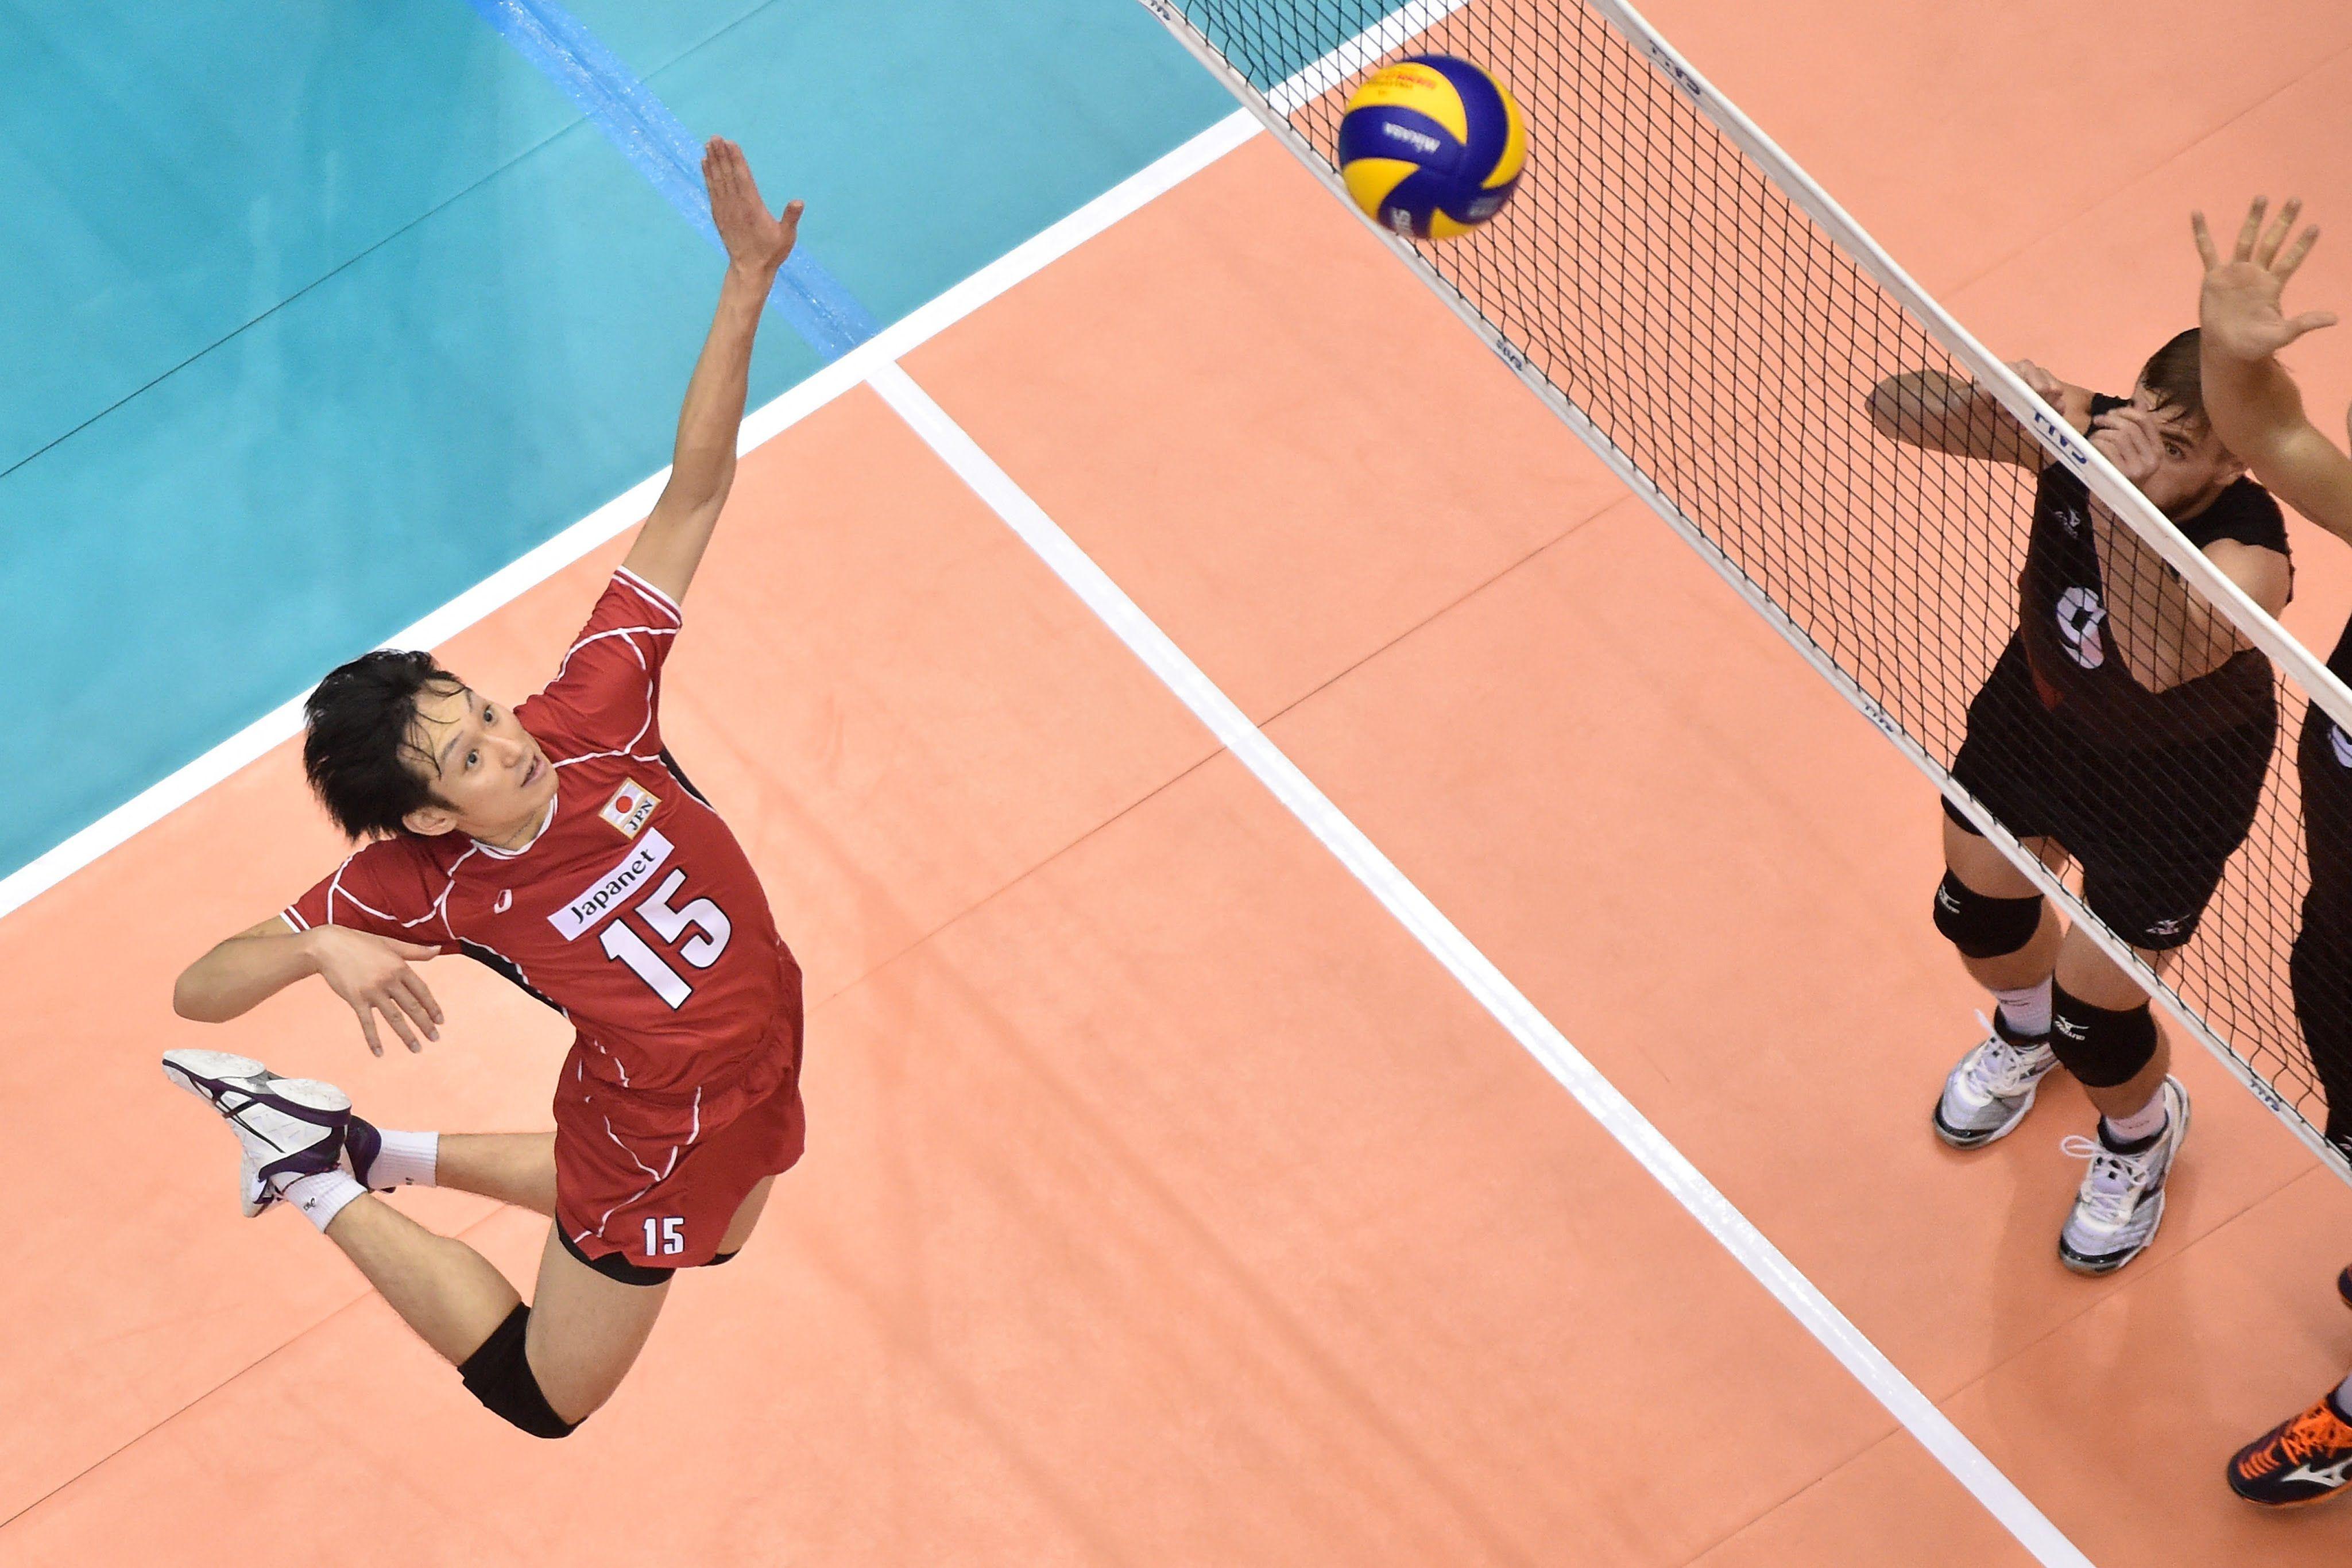 Masahiro Yanagida Highlights Part 2 Fivb 2015 World Cup Japan Vs Canada Volleyball Poses Volleyball Photos Mens Volleyball